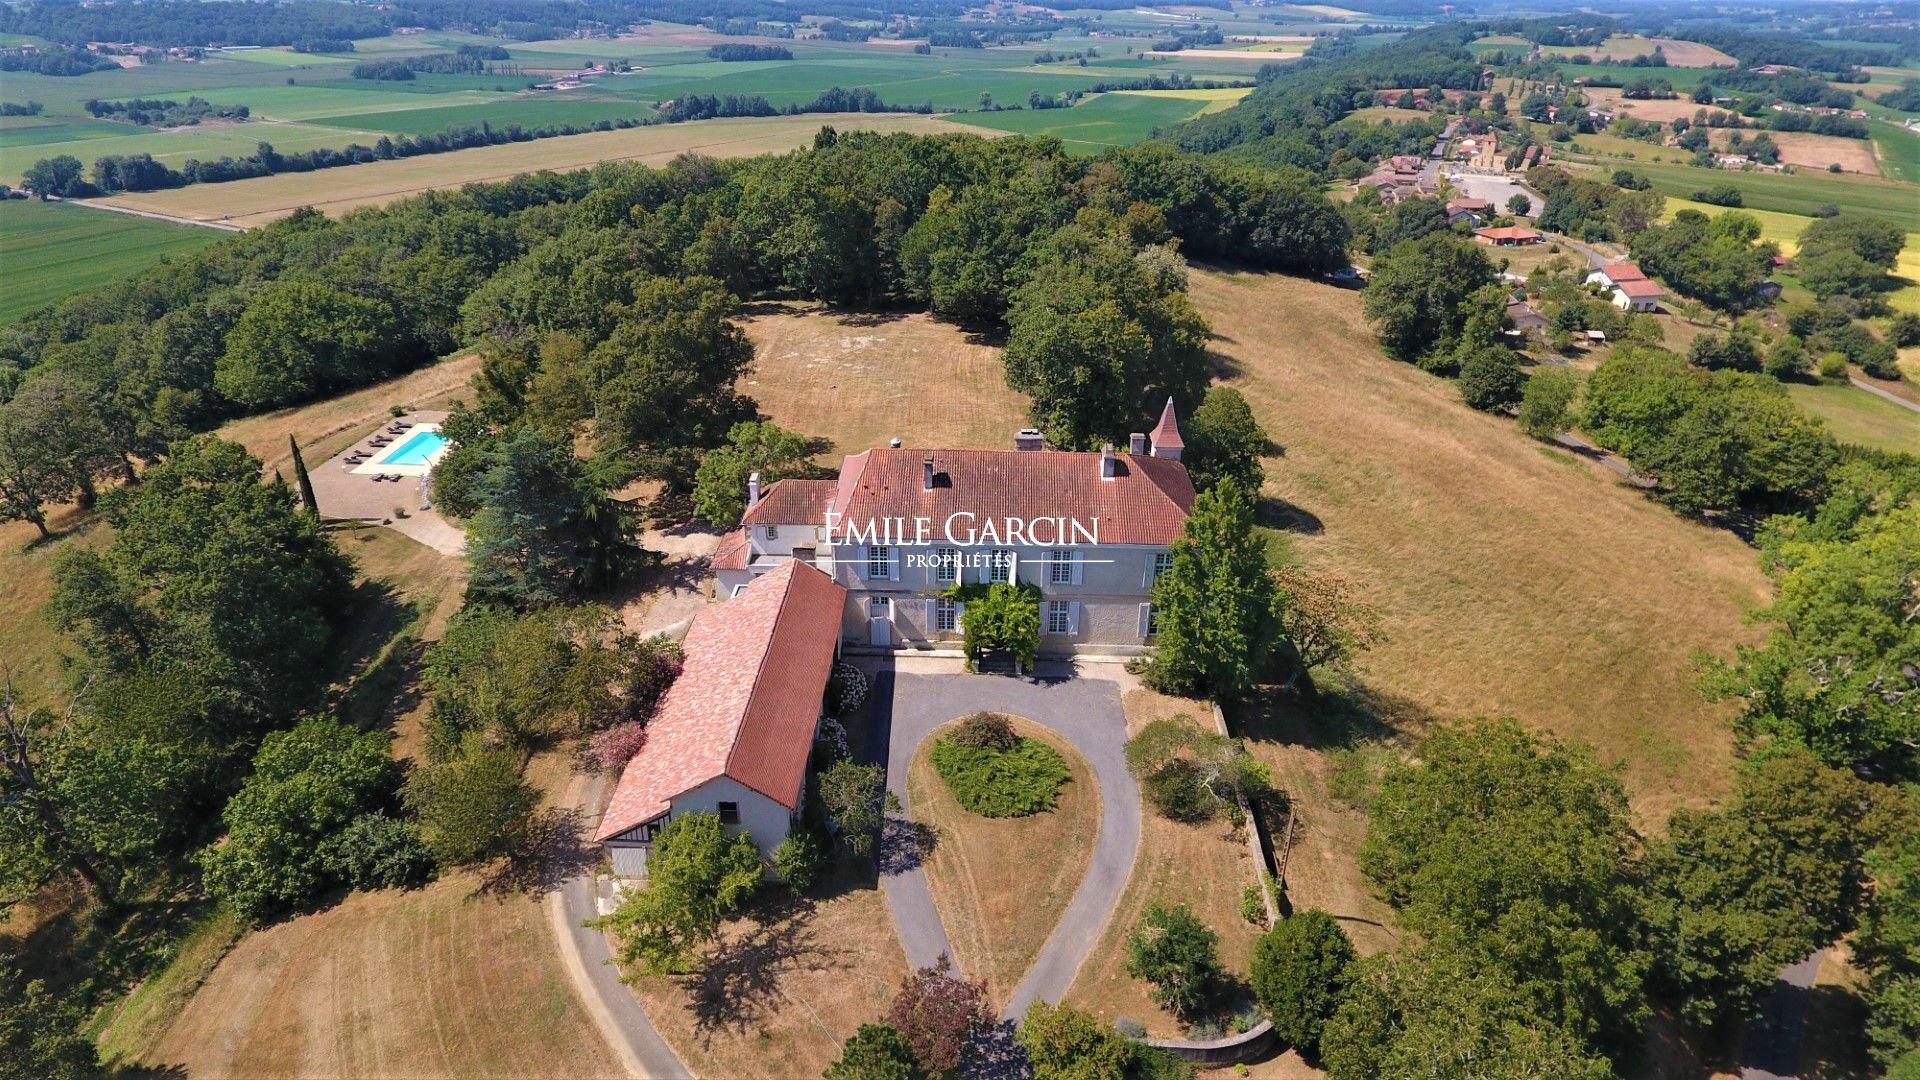 Castle in Aire-sur-l'Adour, Nouvelle-Aquitaine, France 1